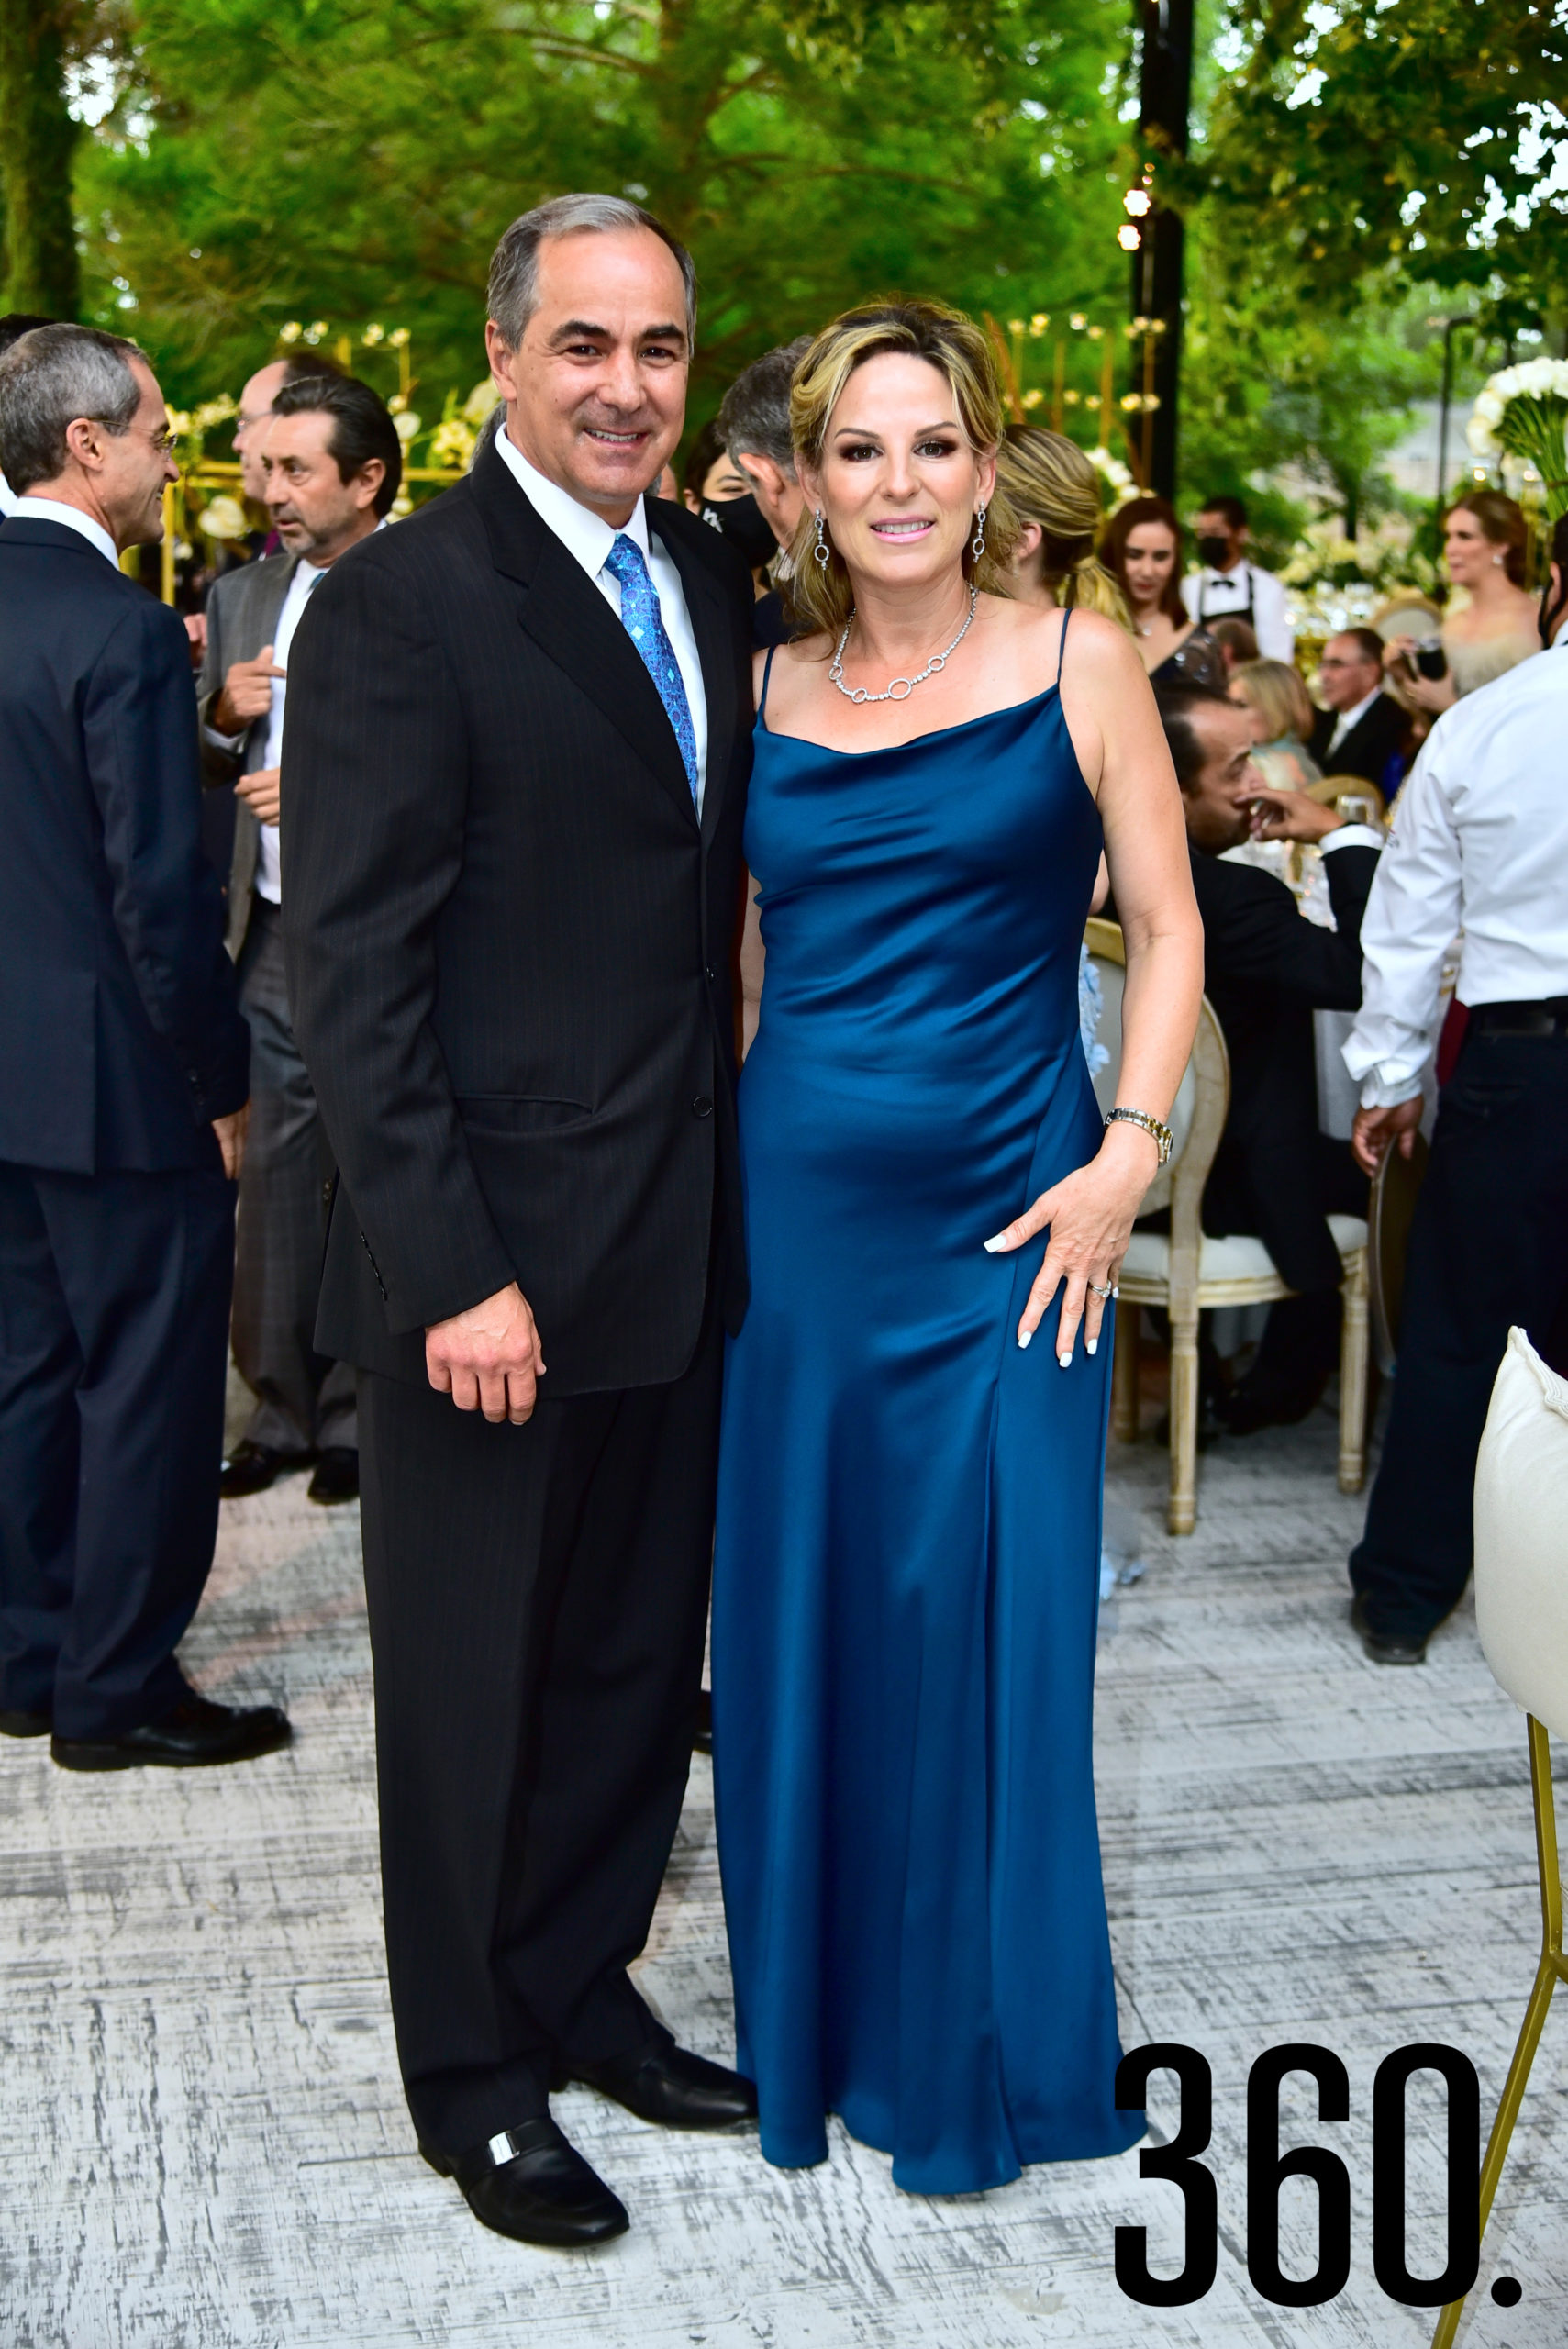 Raúl Gerardo Salinas e Ivonne Espinoza de Salinas.